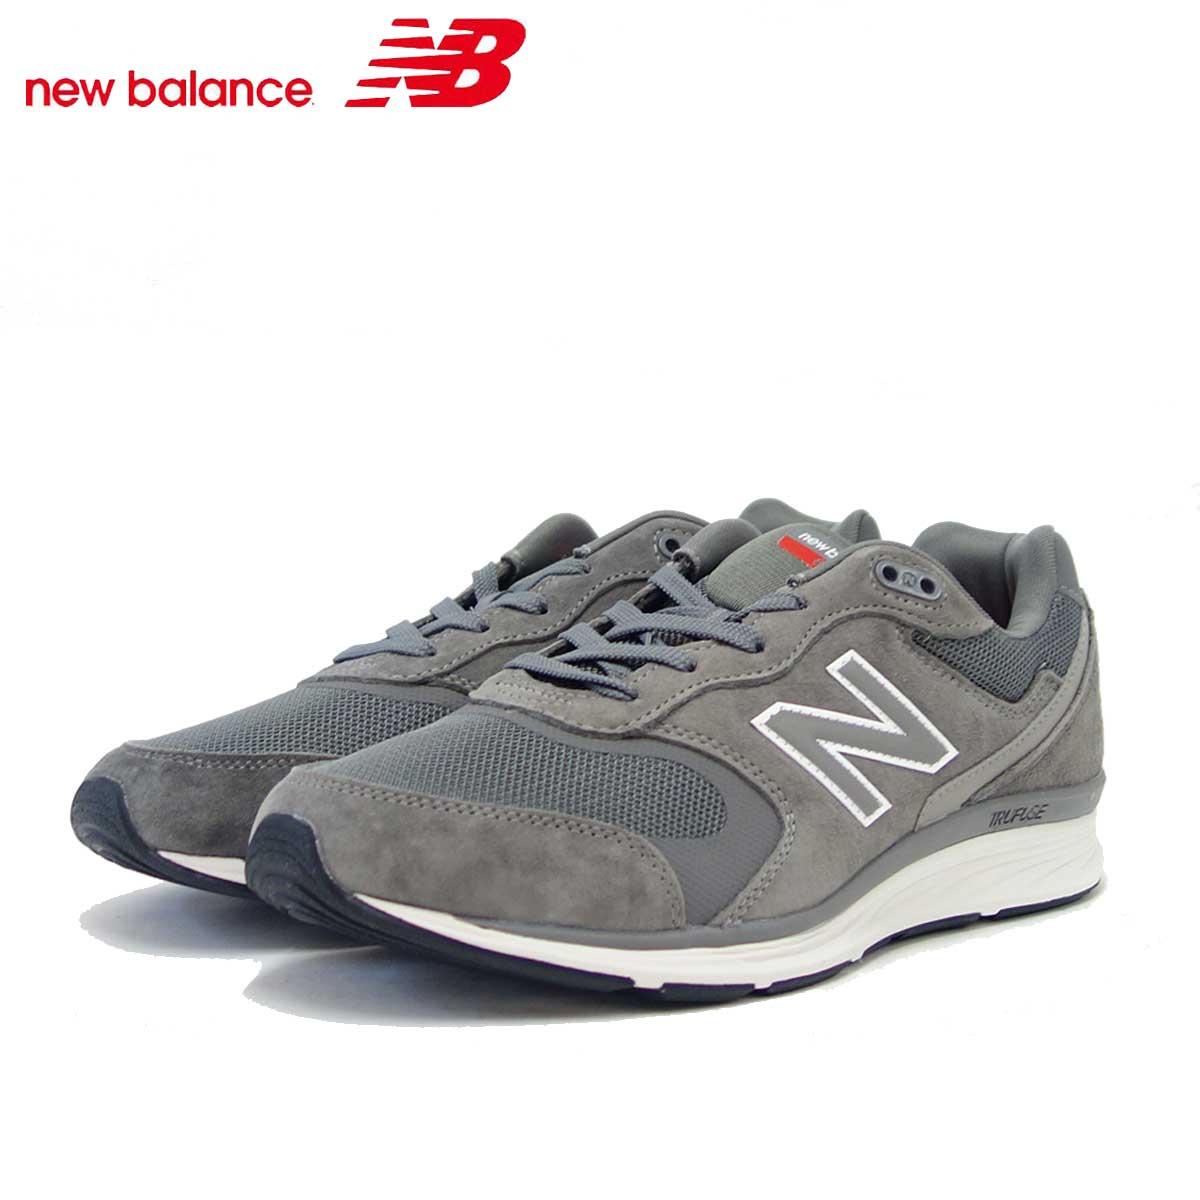 ニューバランス new balance MW880 GS4 グレー(メンズ)4E幅「靴」